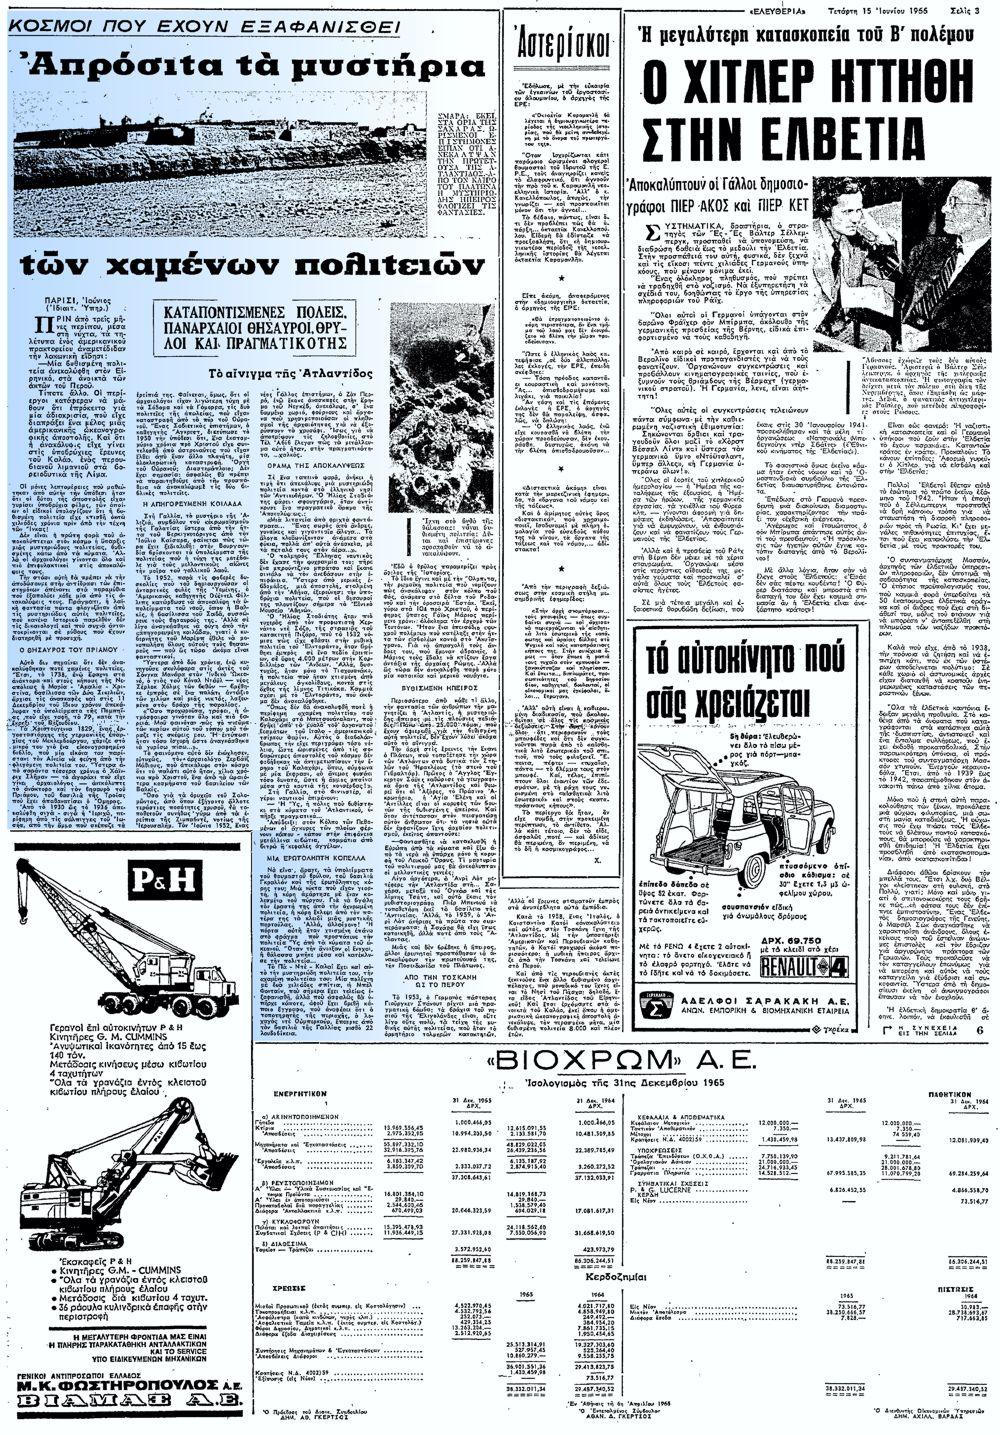 """Το άρθρο, όπως δημοσιεύθηκε στην εφημερίδα """"ΕΛΕΥΘΕΡΙΑ"""", στις 15/06/1966"""